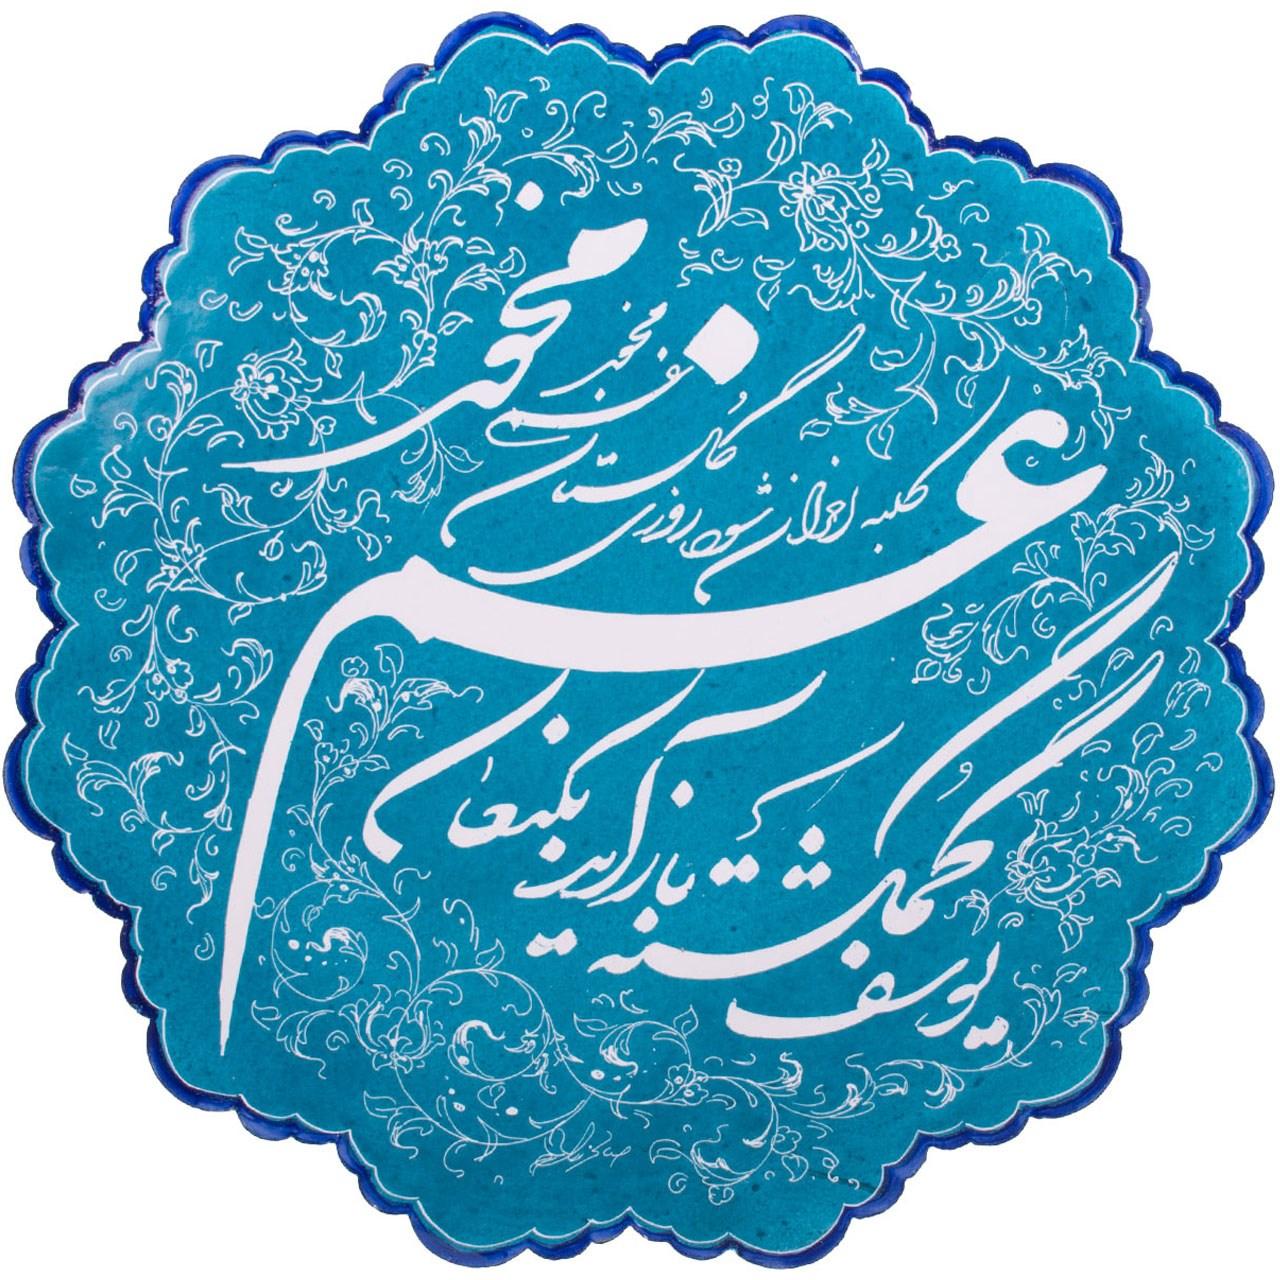 بشقاب مسی میناکاری شده اثر صالحی زاده طرح خوشنویسی قطر 20 سانتی متر